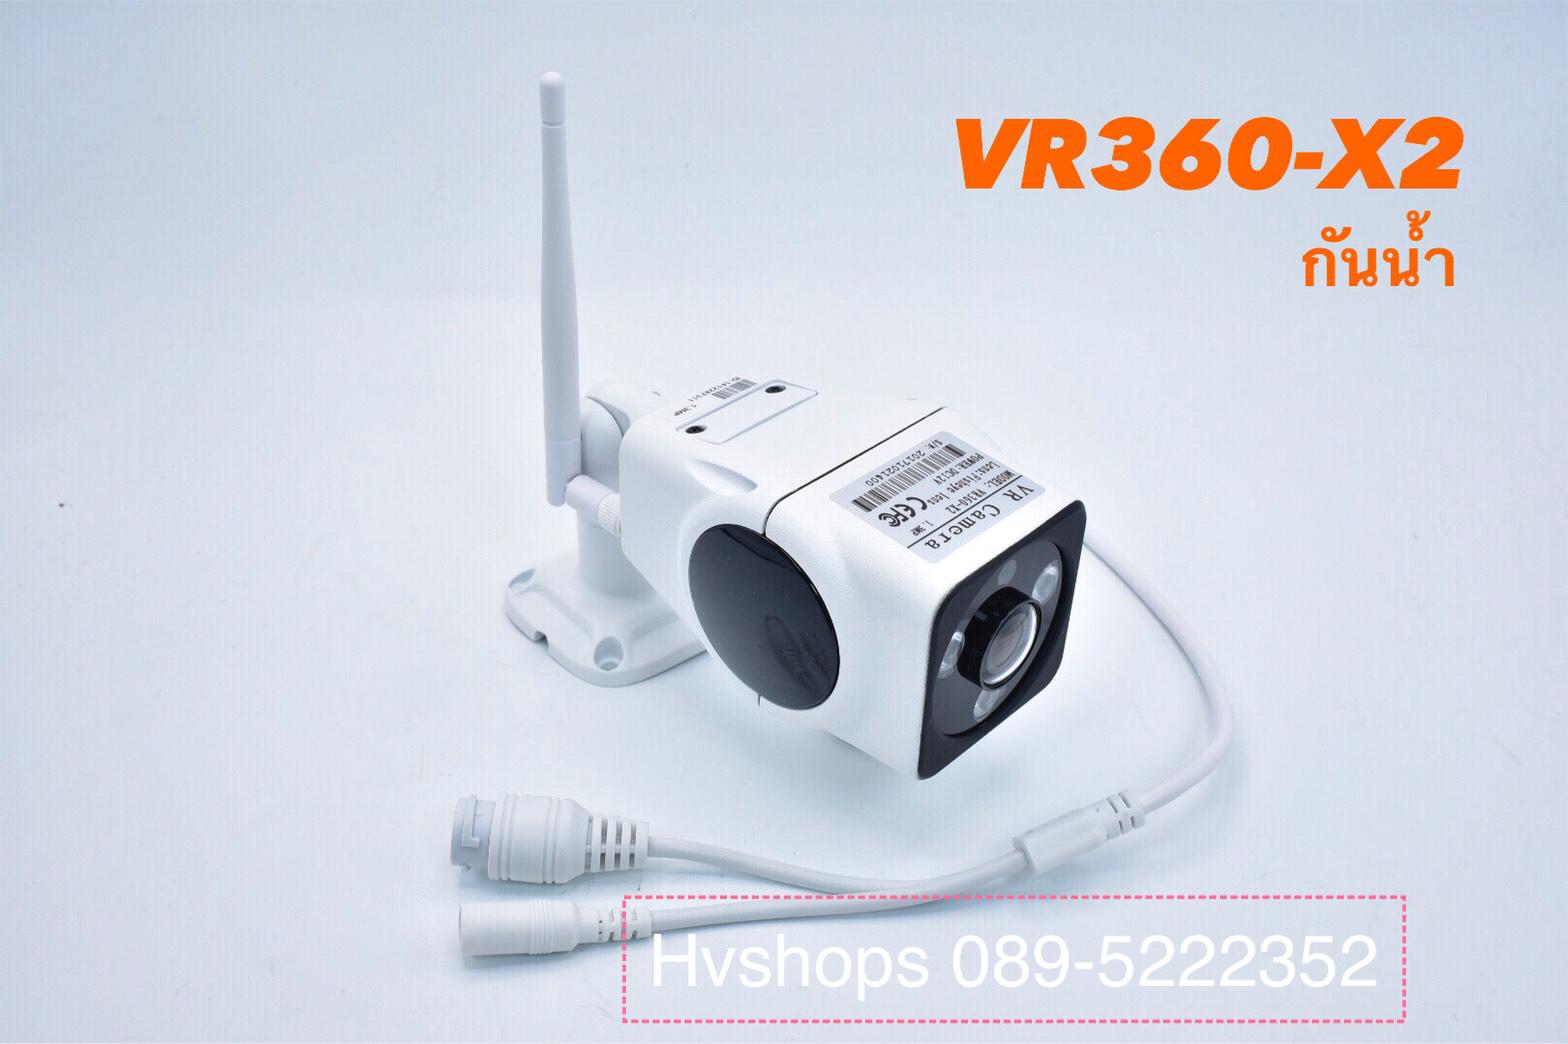 กล้องวงจรปิด ไร้สาย รุ่น VR360-X2